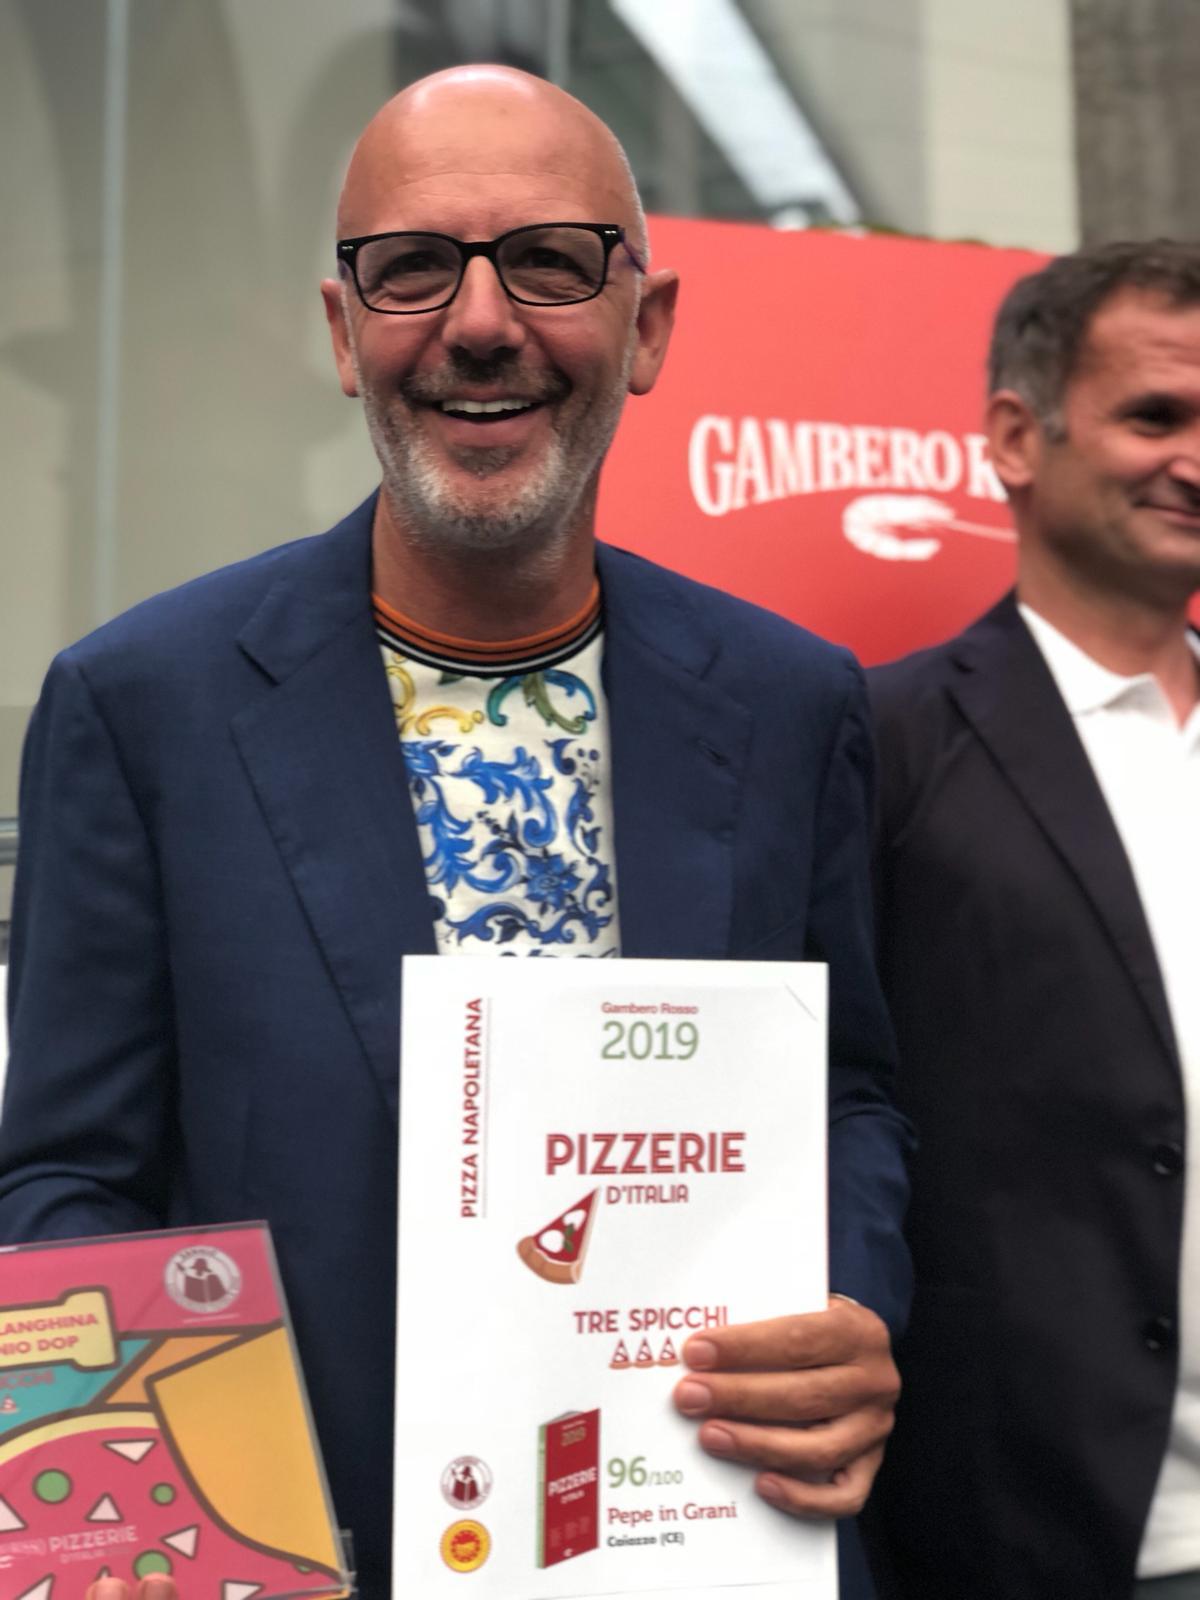 %name GUIDA PIZZERIE D'ITALIA 2019 DEL GAMBERO ROSSO:  L'ESTRO CREATIVO DI FRANCO PEPE RICEVE SEI SPICCHI